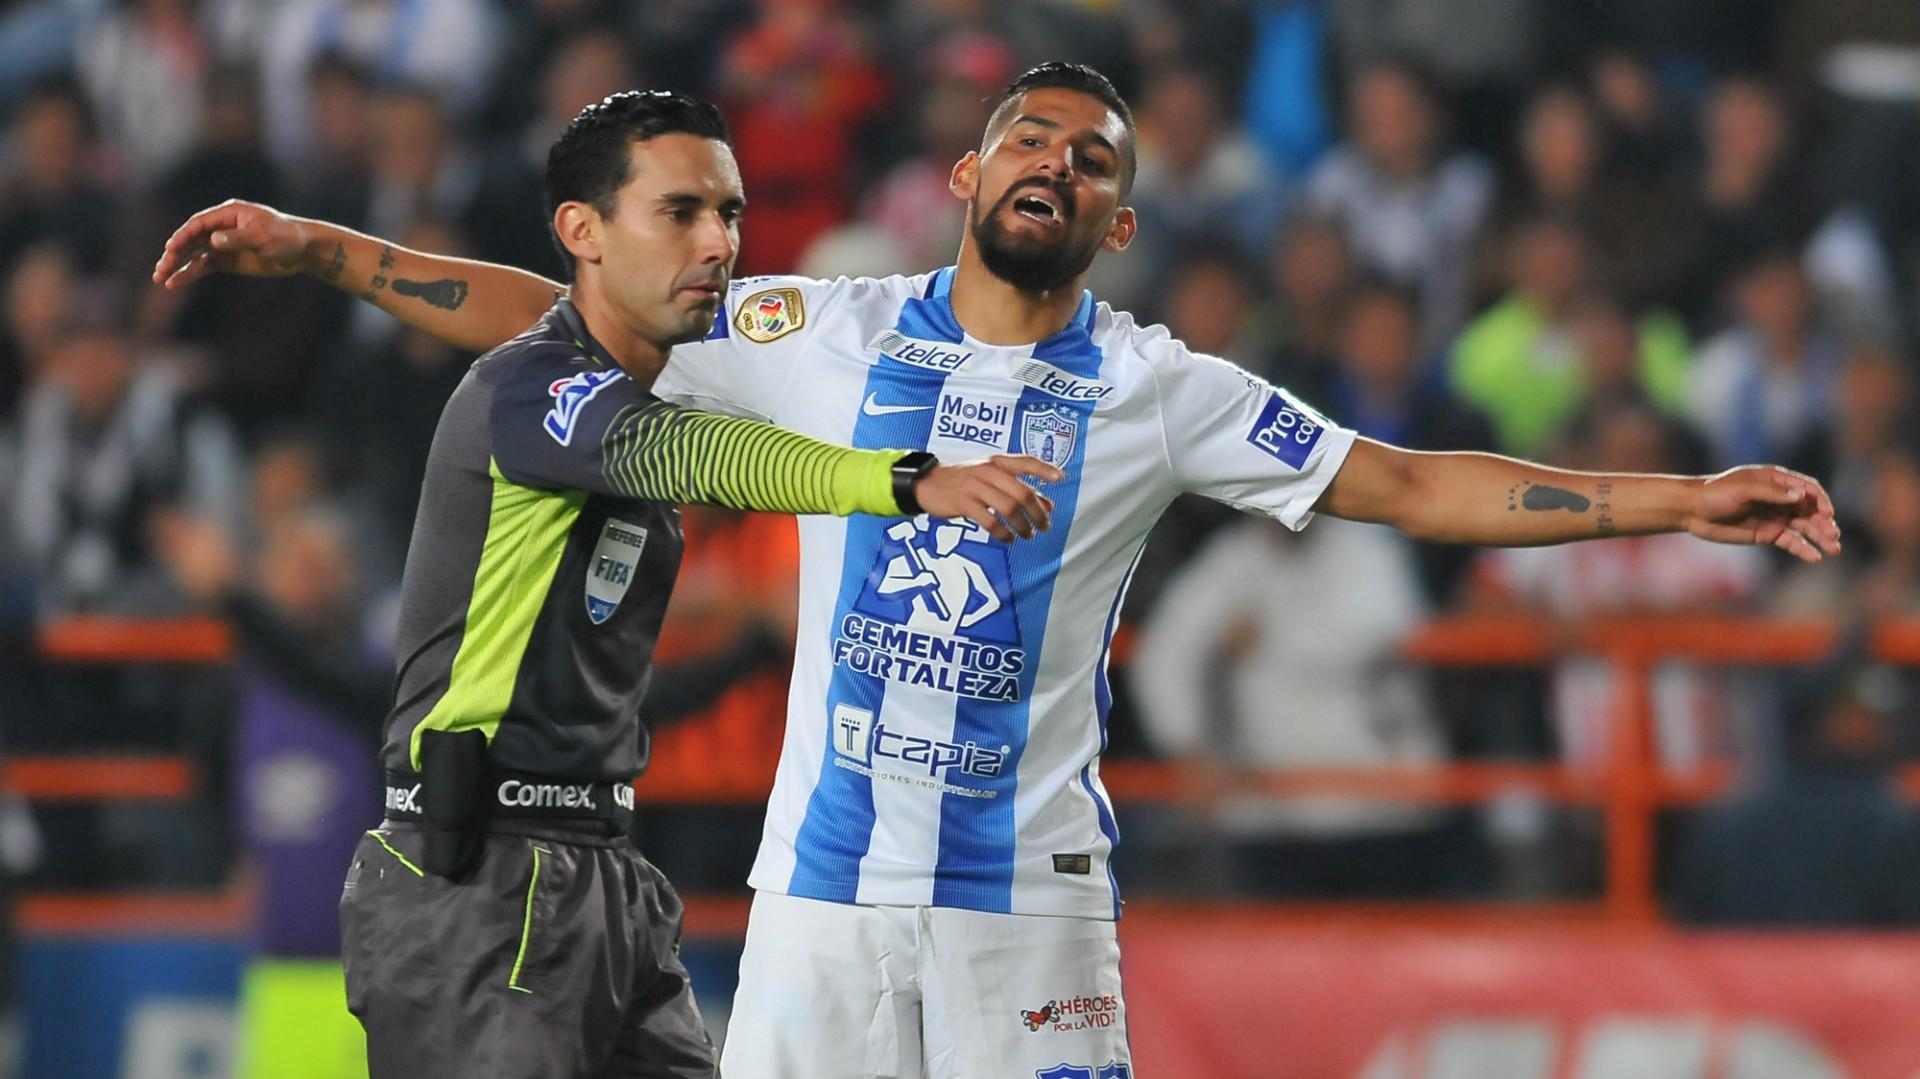 Cesar Ramos Mexico referee Franco Jara Pachuca